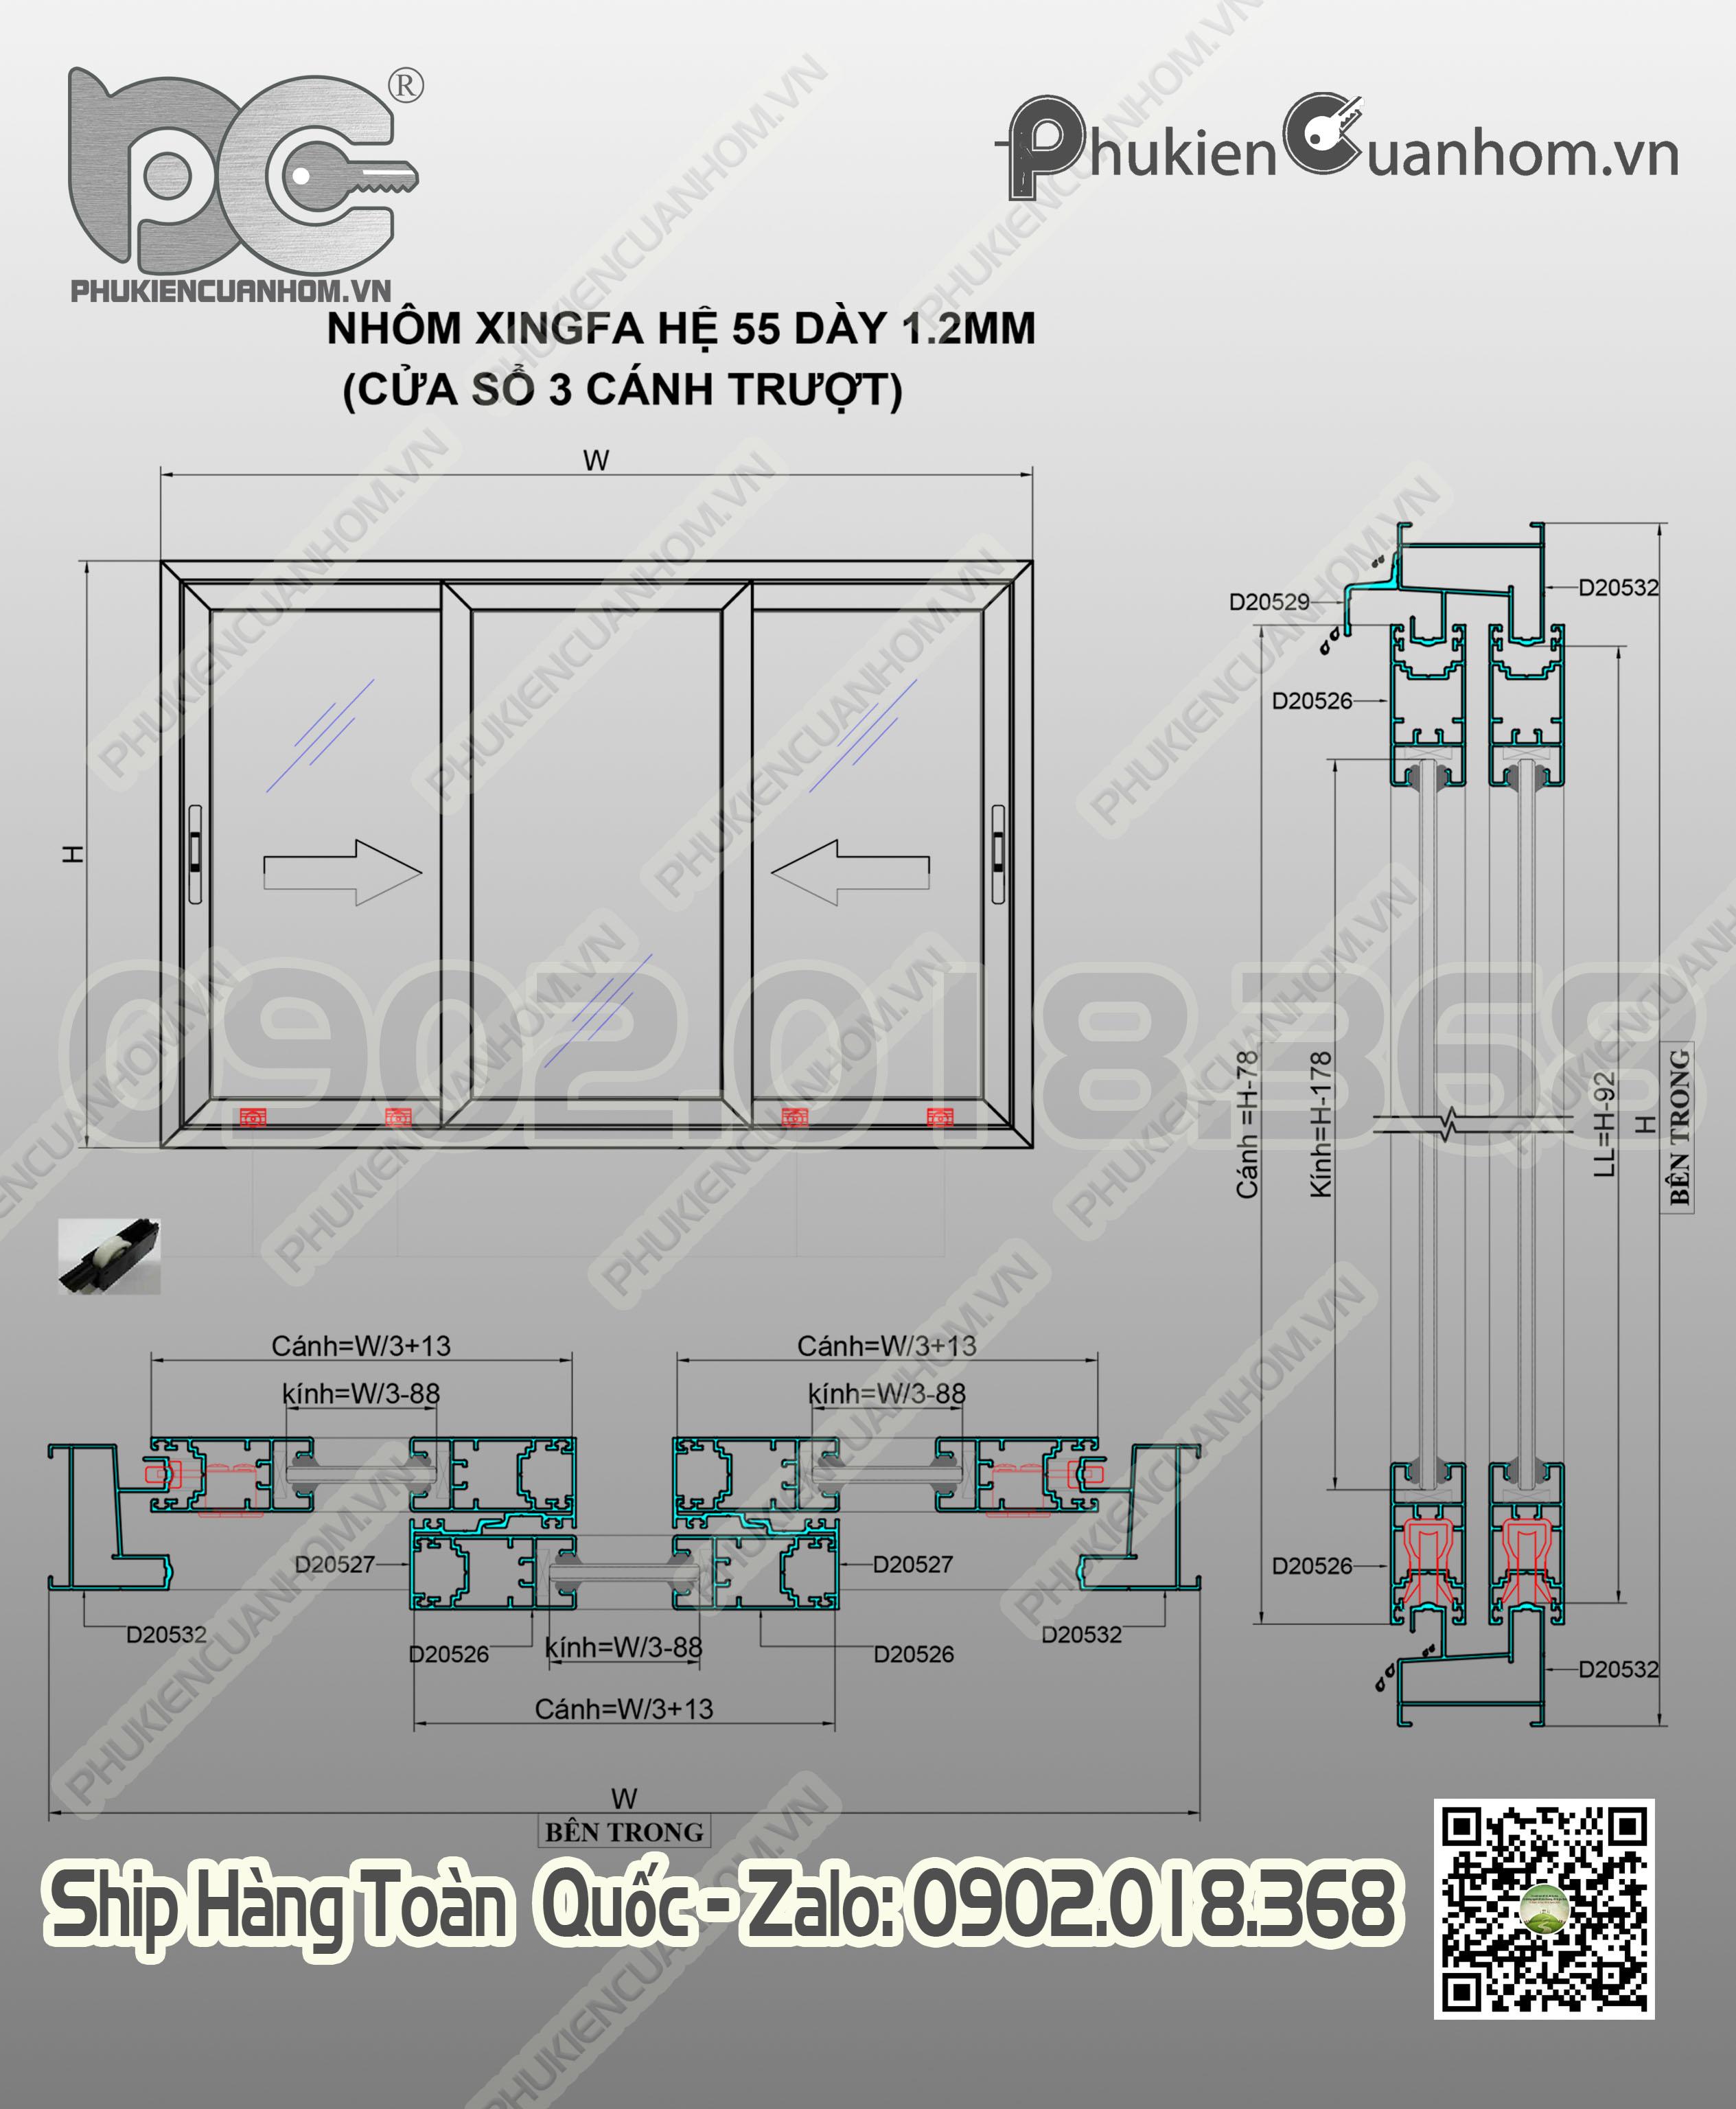 Cách trừ cánh cửa sổ lùa 3 cánh nhôm Xingfa hệ 55